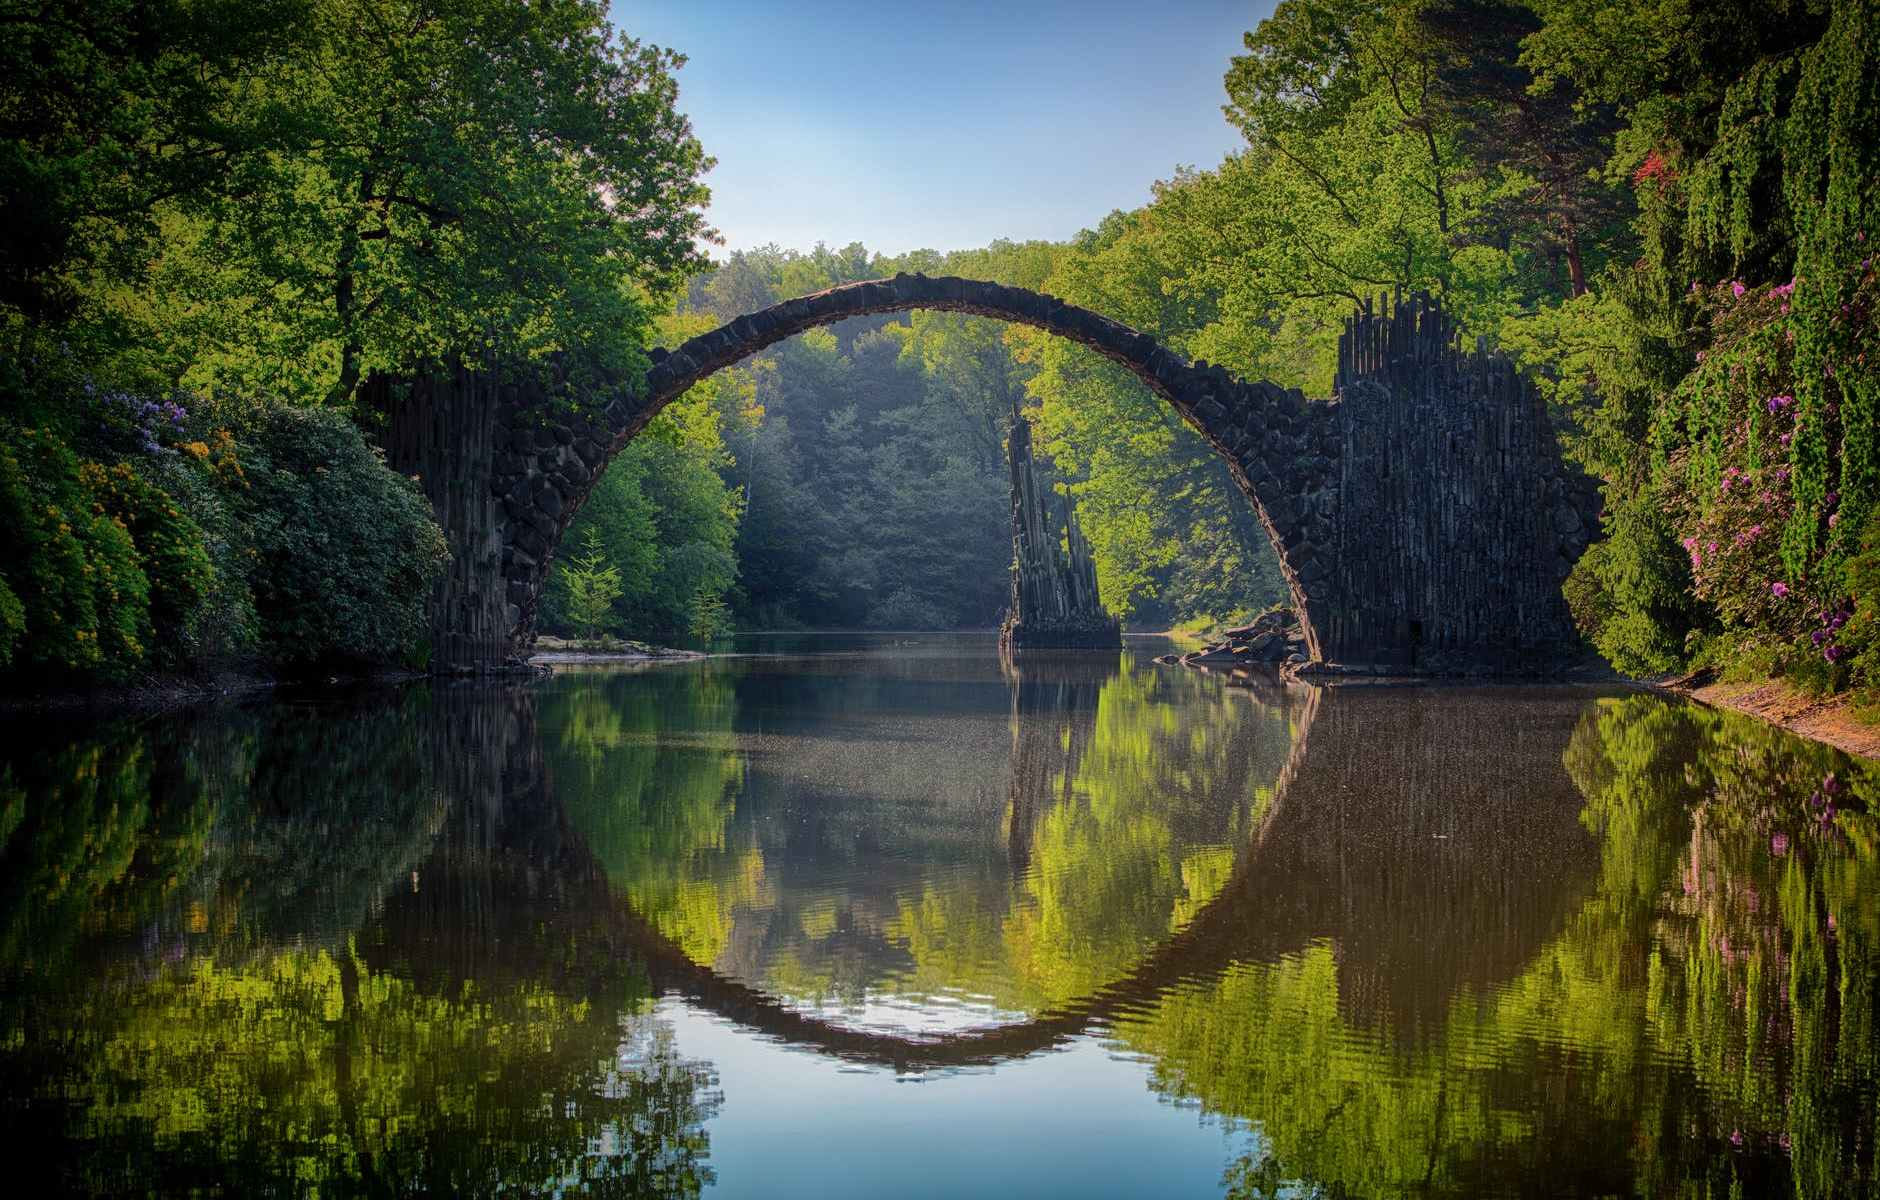 gray bridge and trees